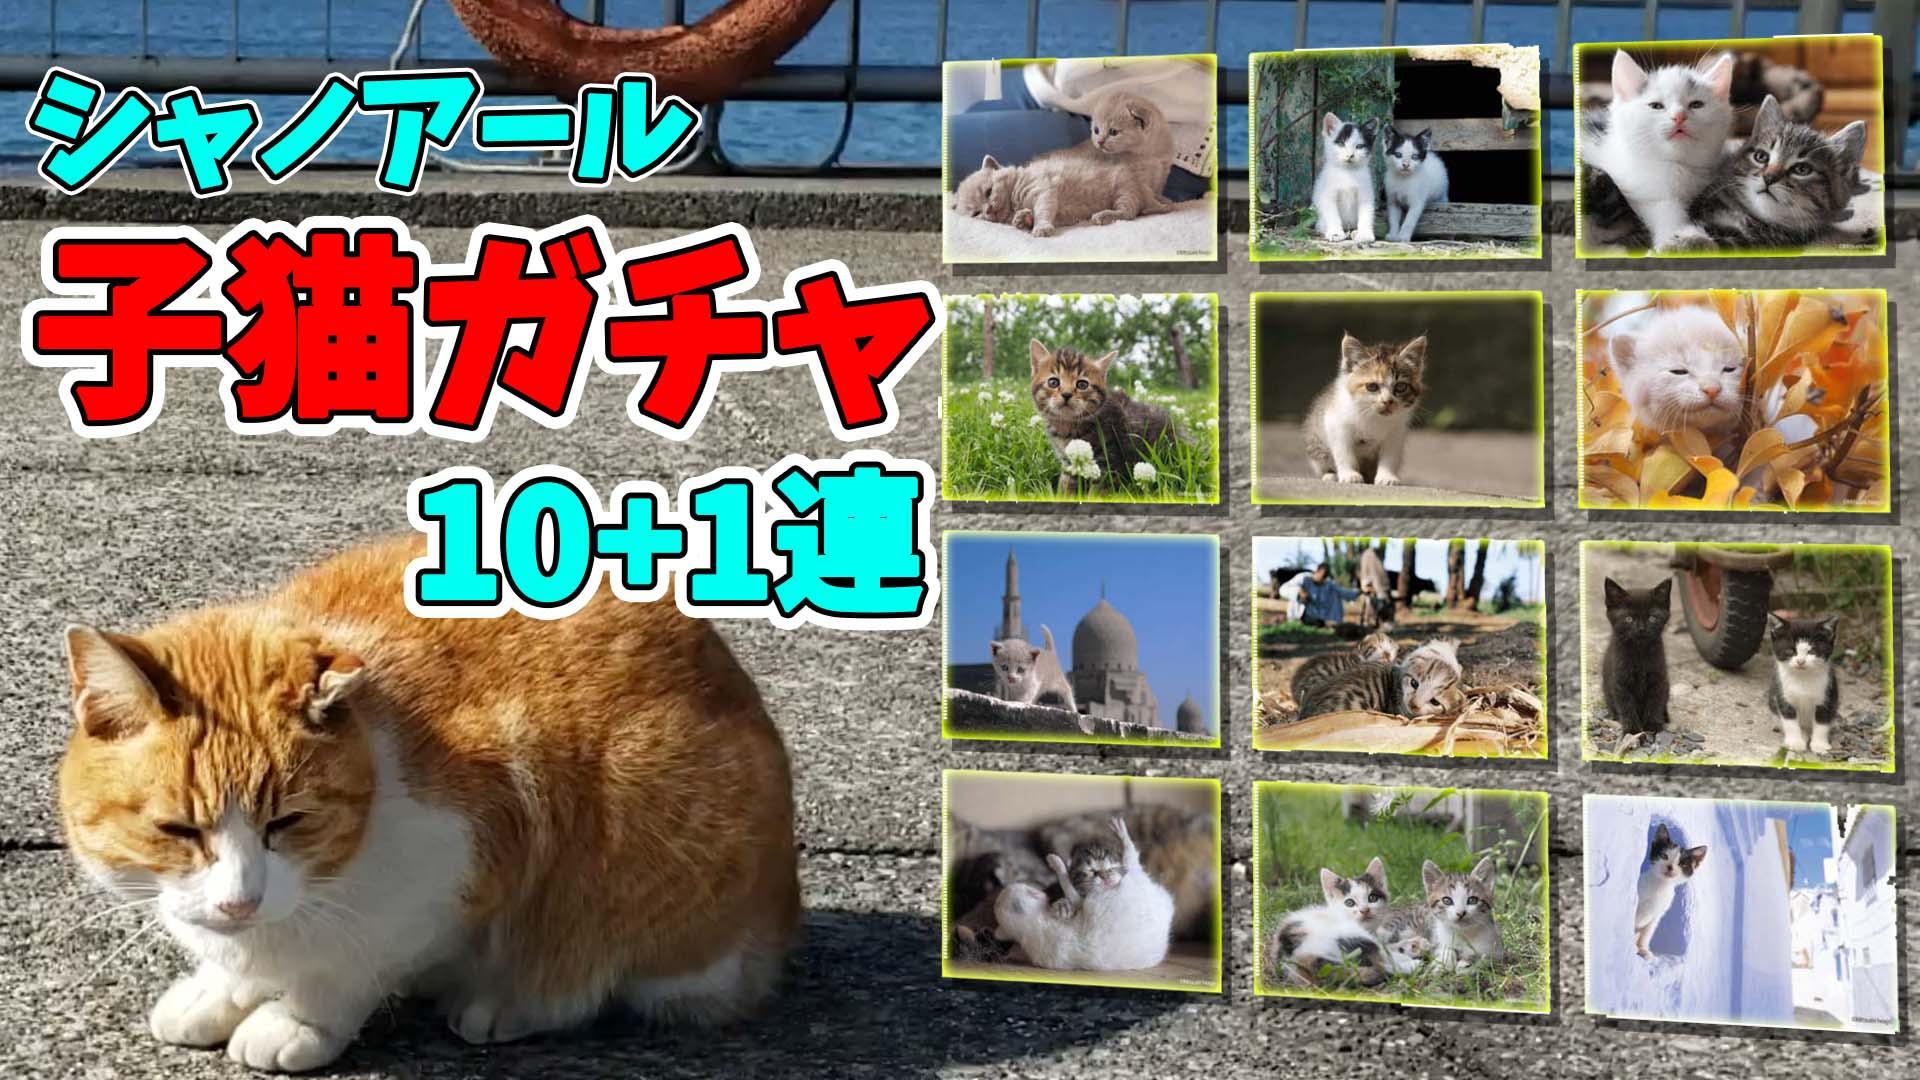 シャノアール岩合光昭子猫クジ